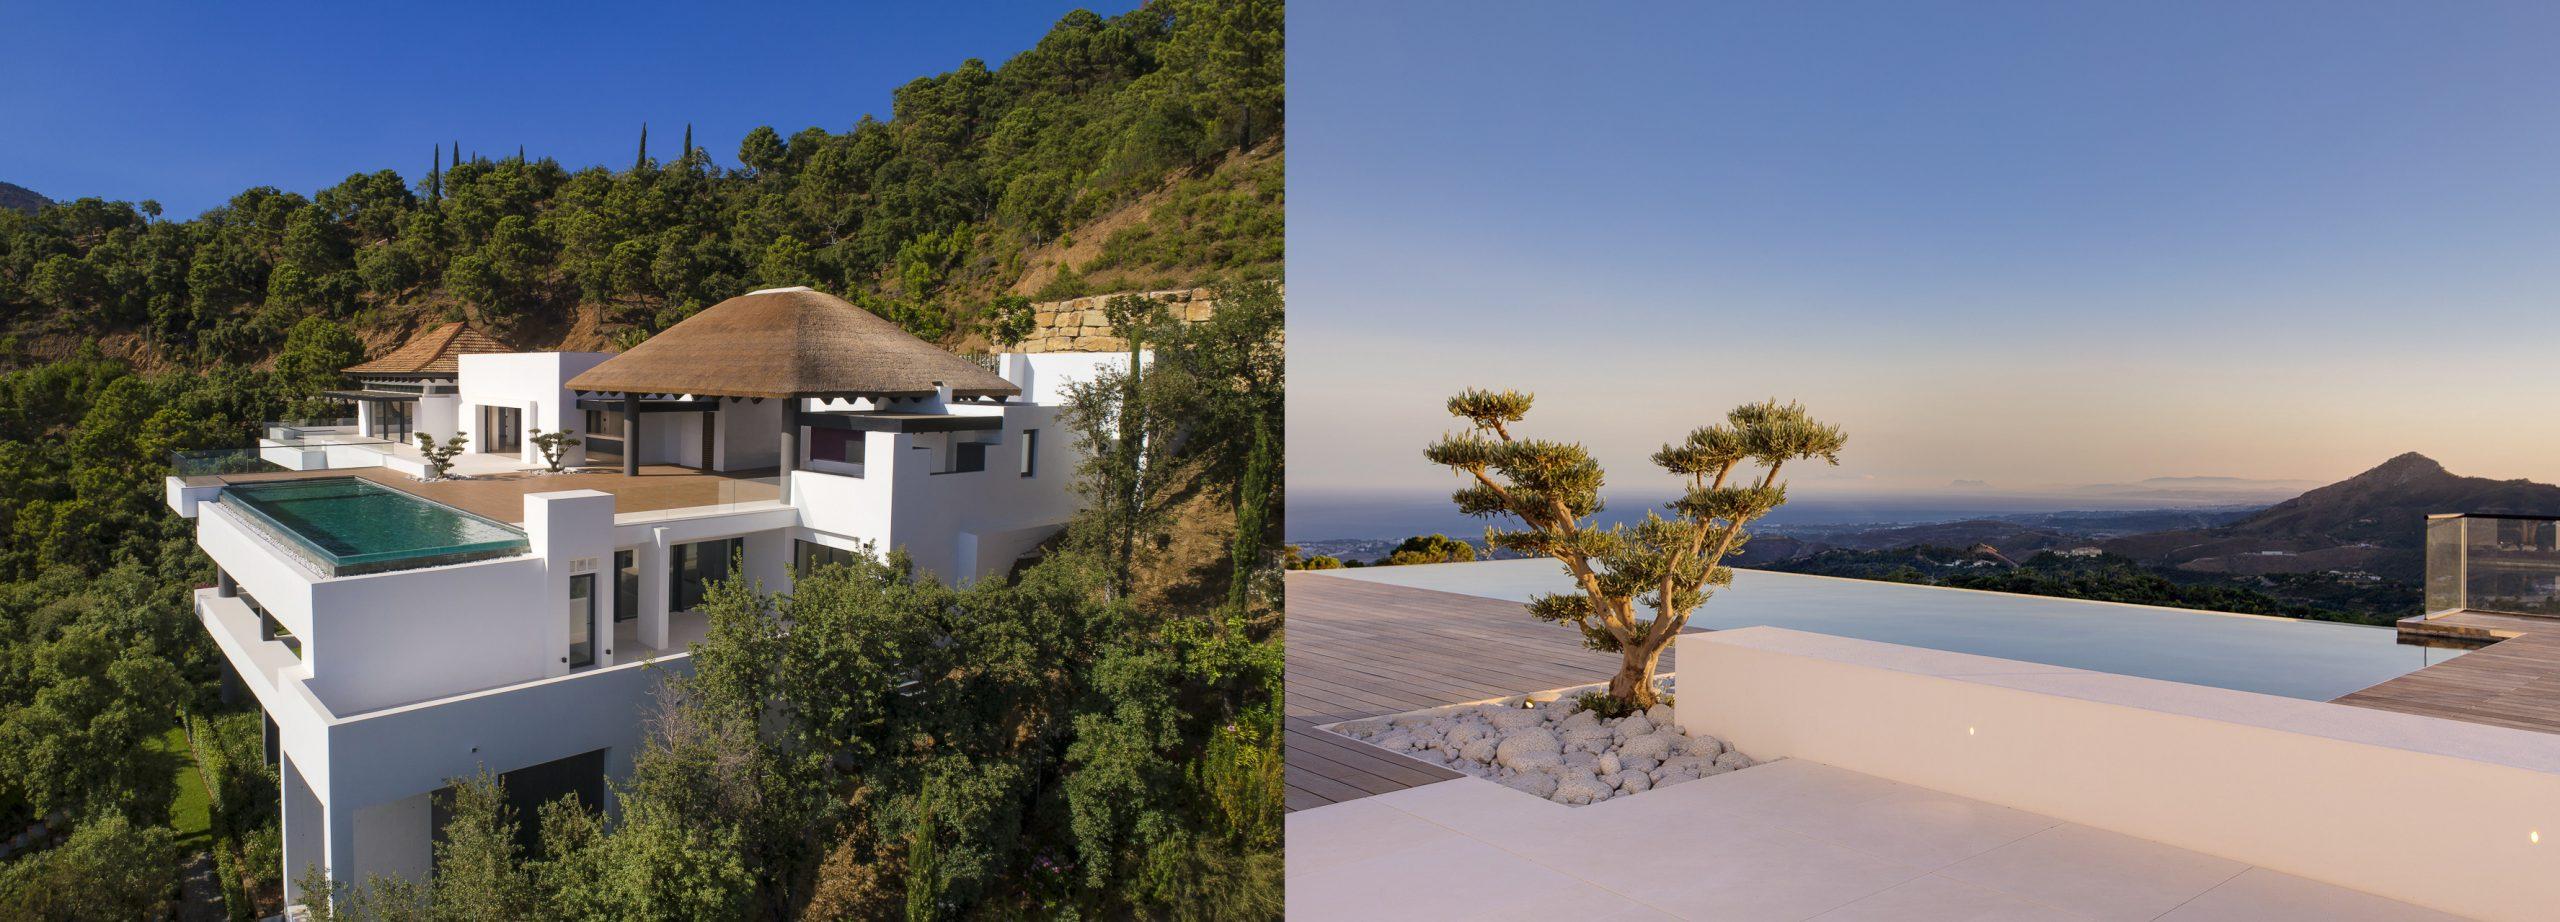 Villa i La Zagaleta €16.000.000